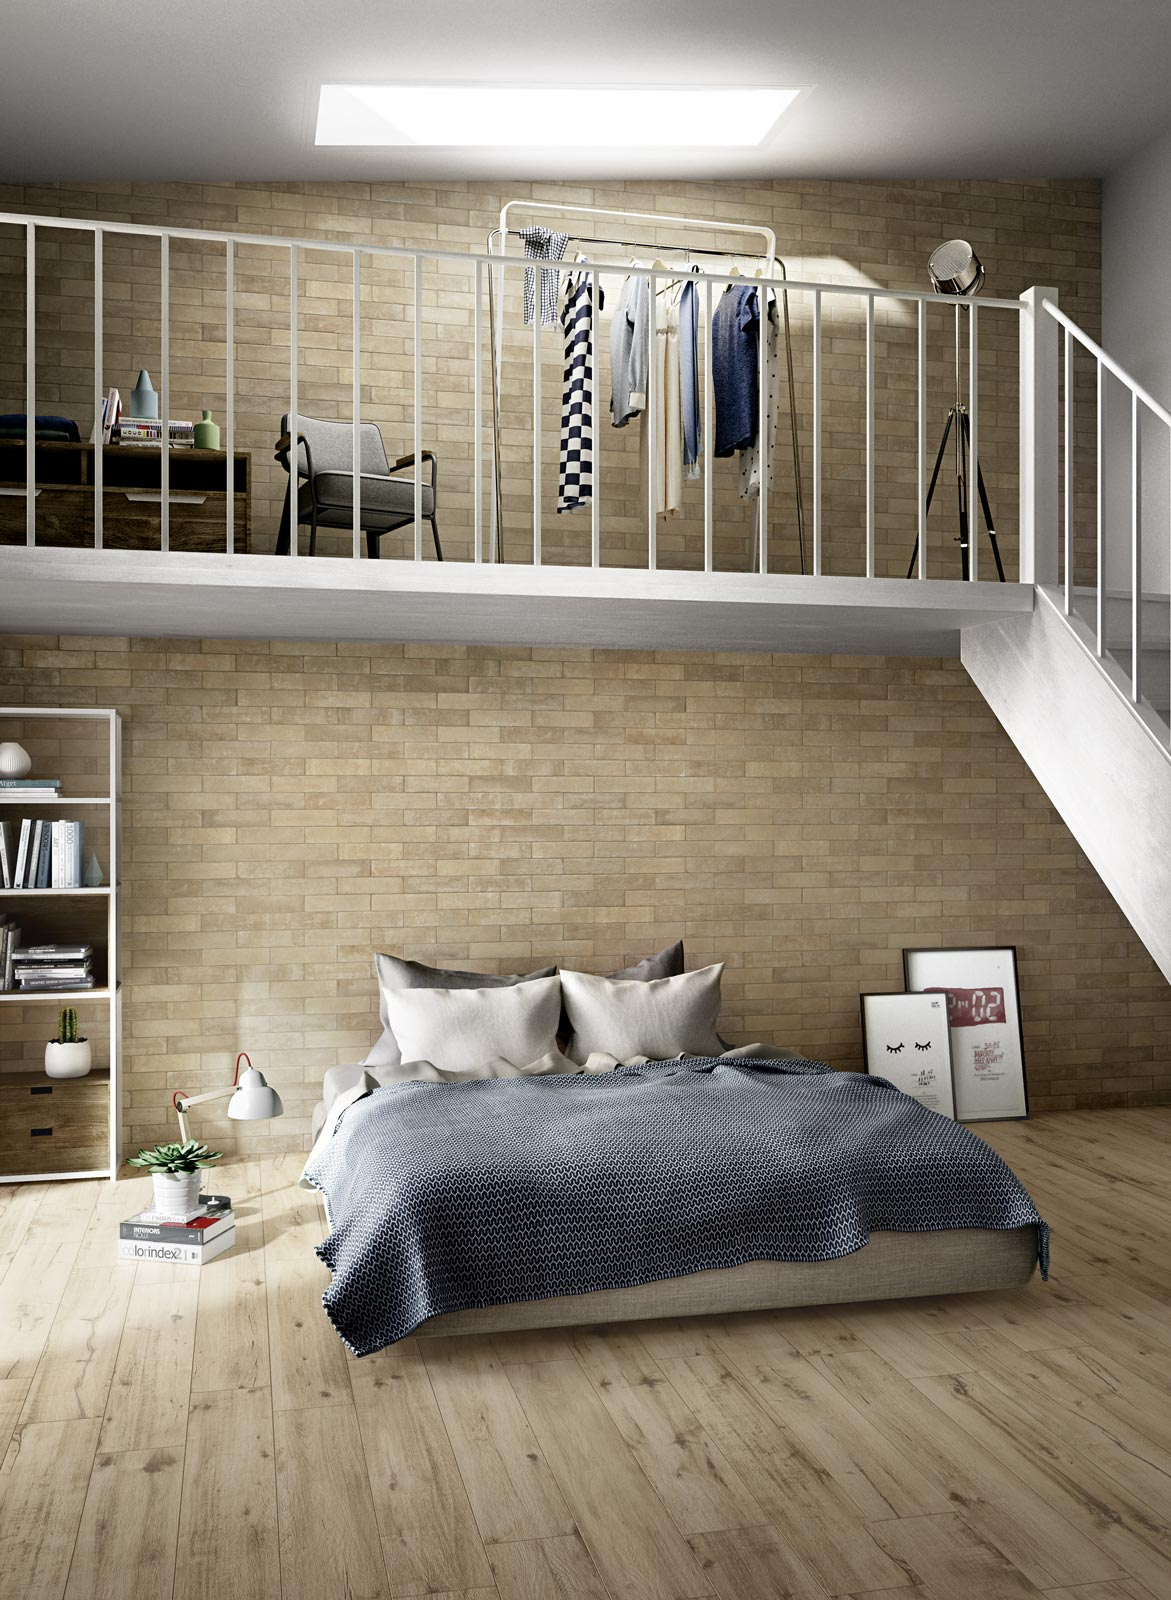 Come decorare la testata del letto ragno for Decorare camera da letto matrimoniale